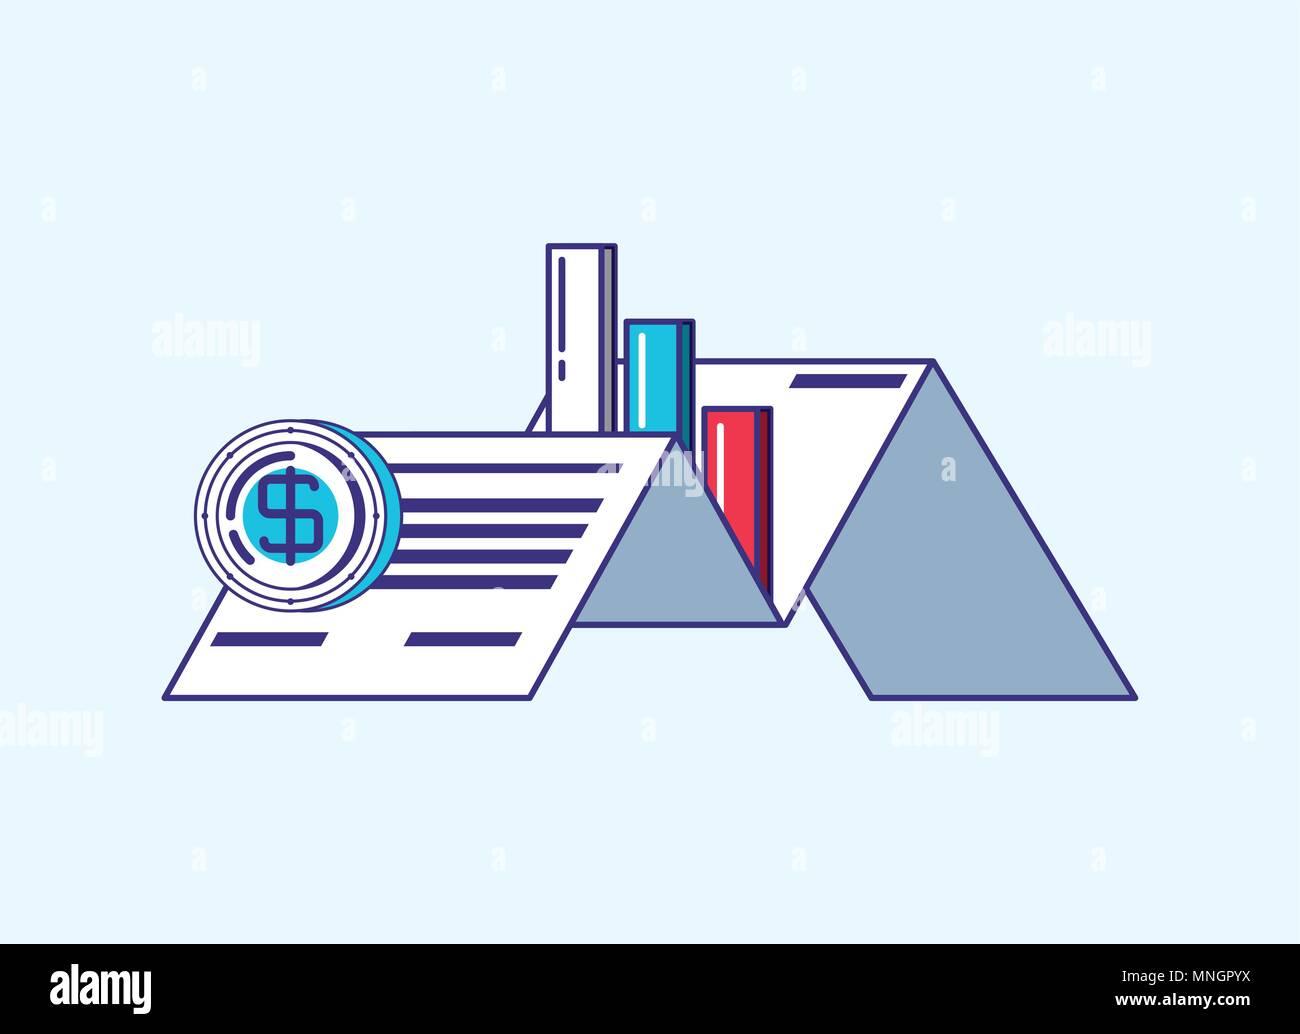 Business Document mit finanzieller Technologie ähnliche Symbole auf weißem Hintergrund, farbenfrohen Design. Vector Illustration Stockbild